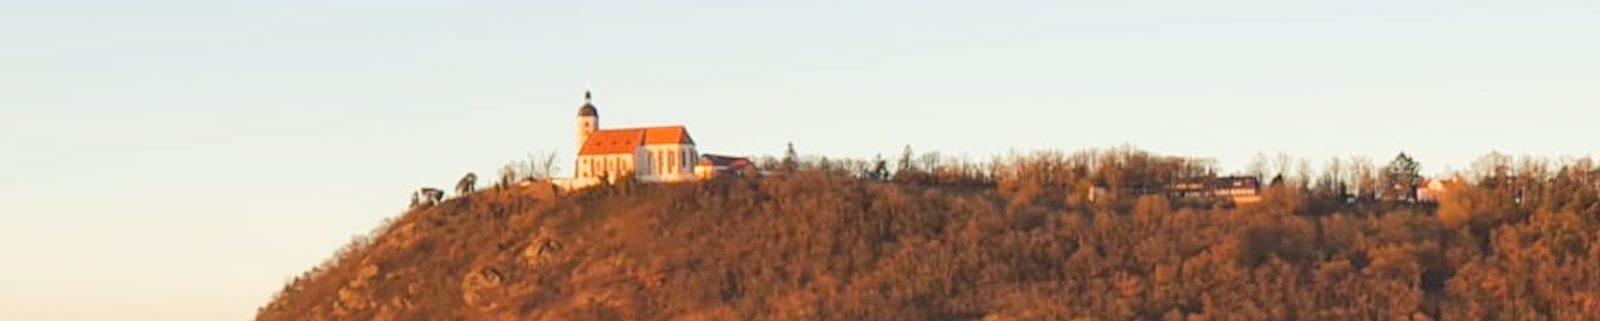 Jugendwallfahrt Bogenberg